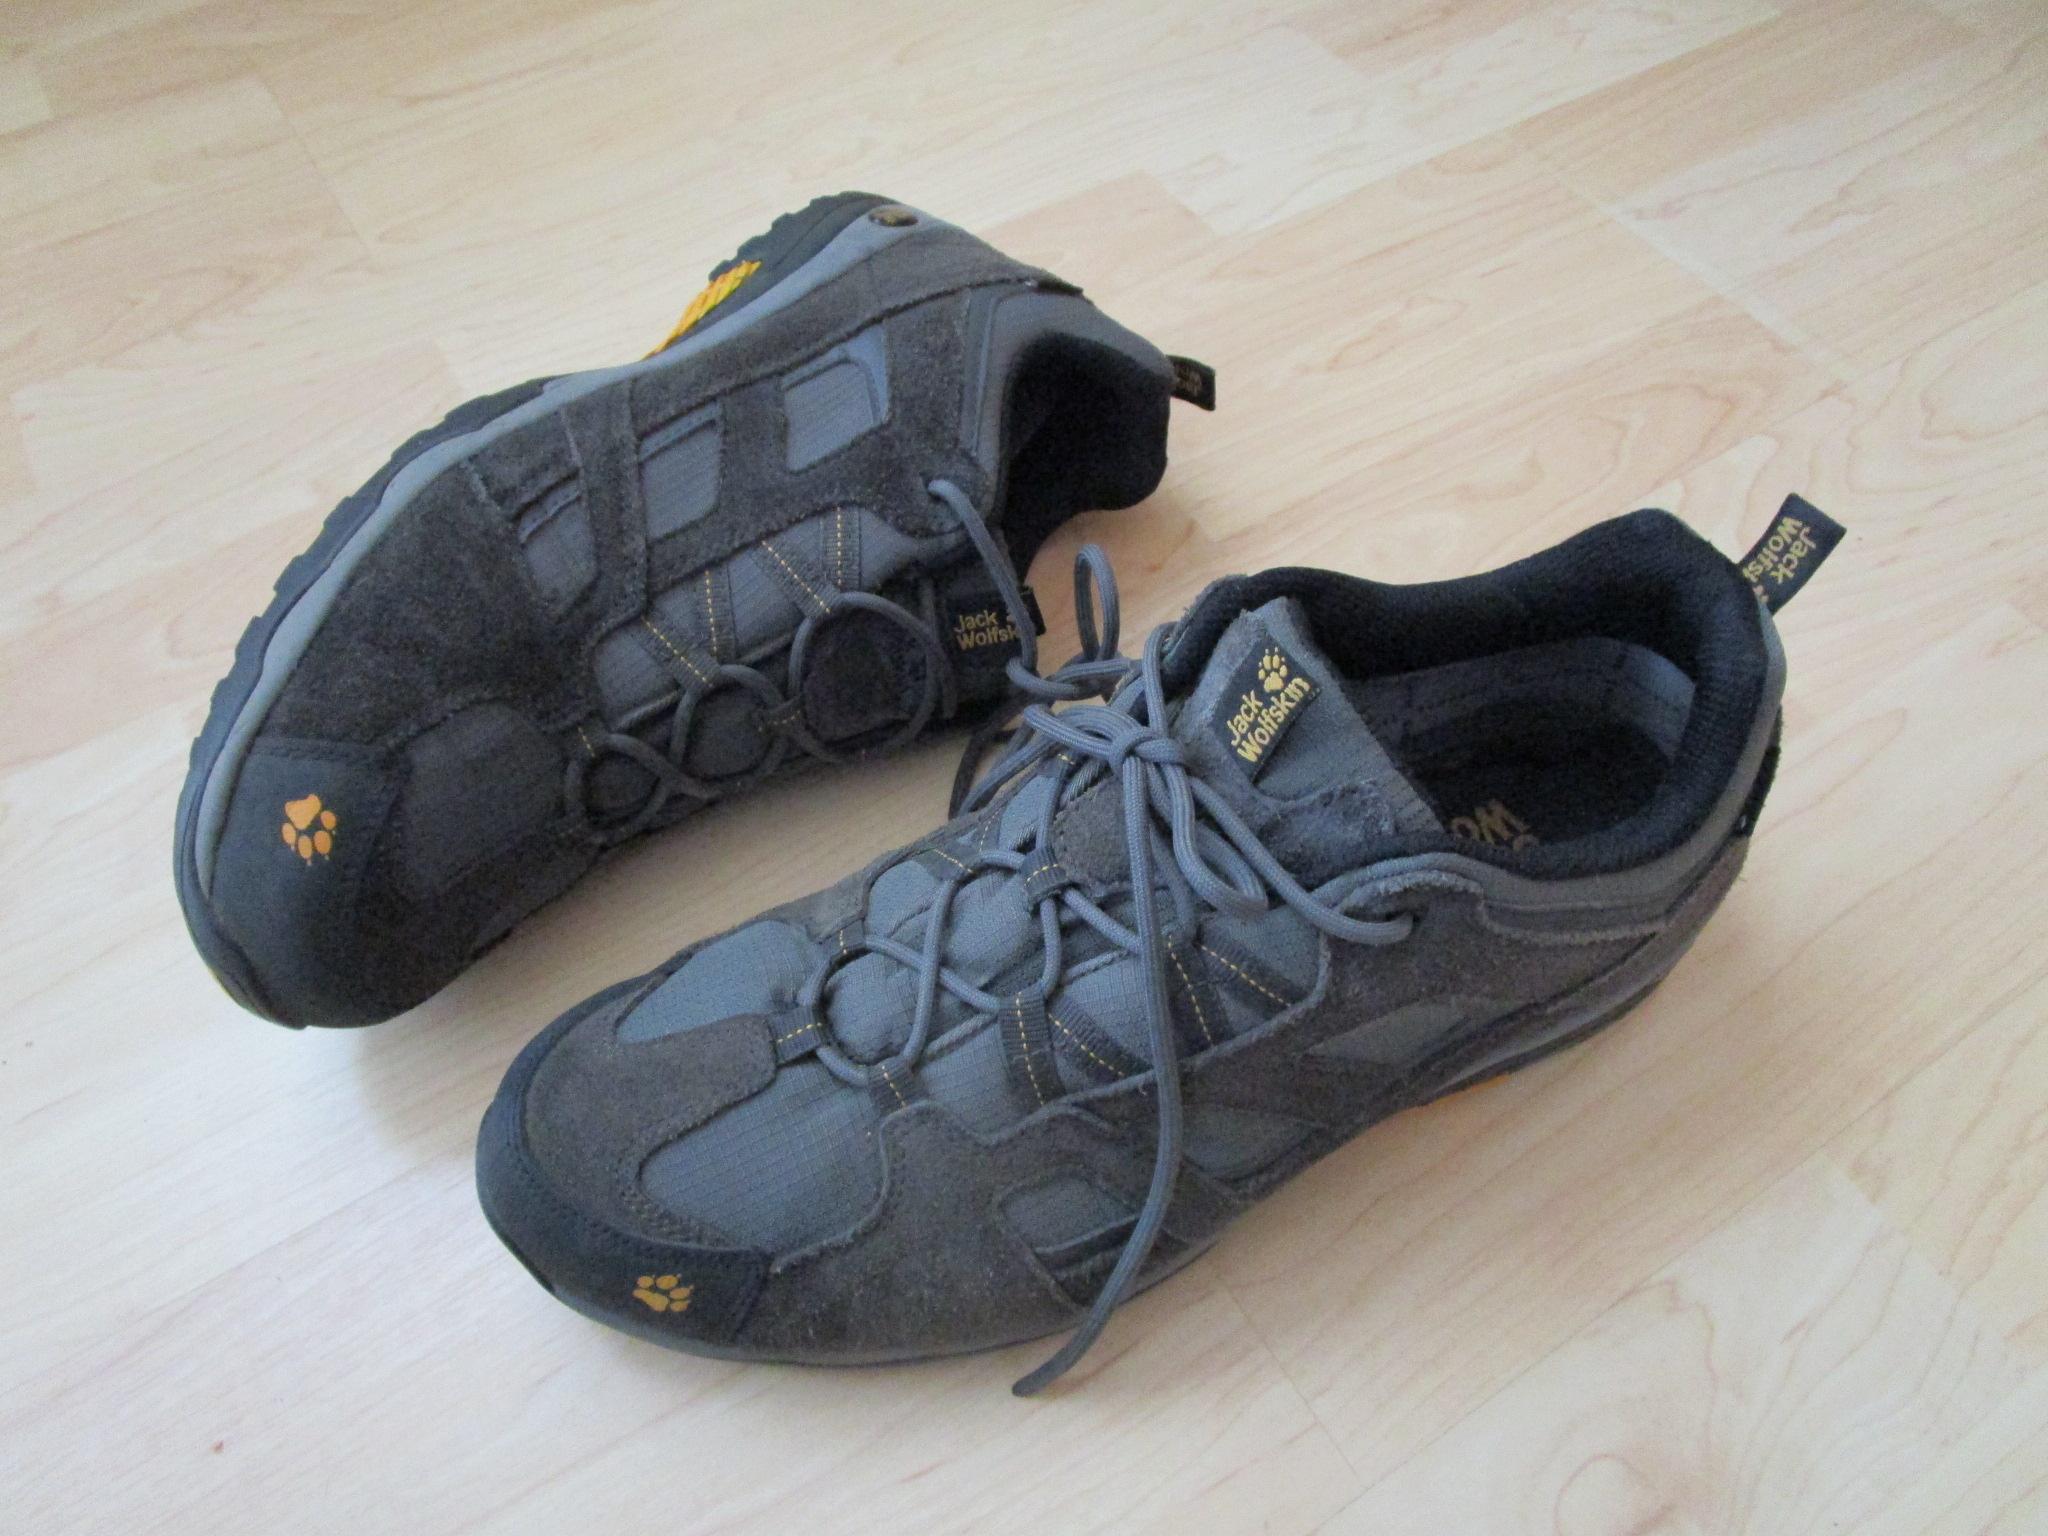 Foto des unpaars Jack Wolfskin Schuhe Outdoor Walking Freizeit